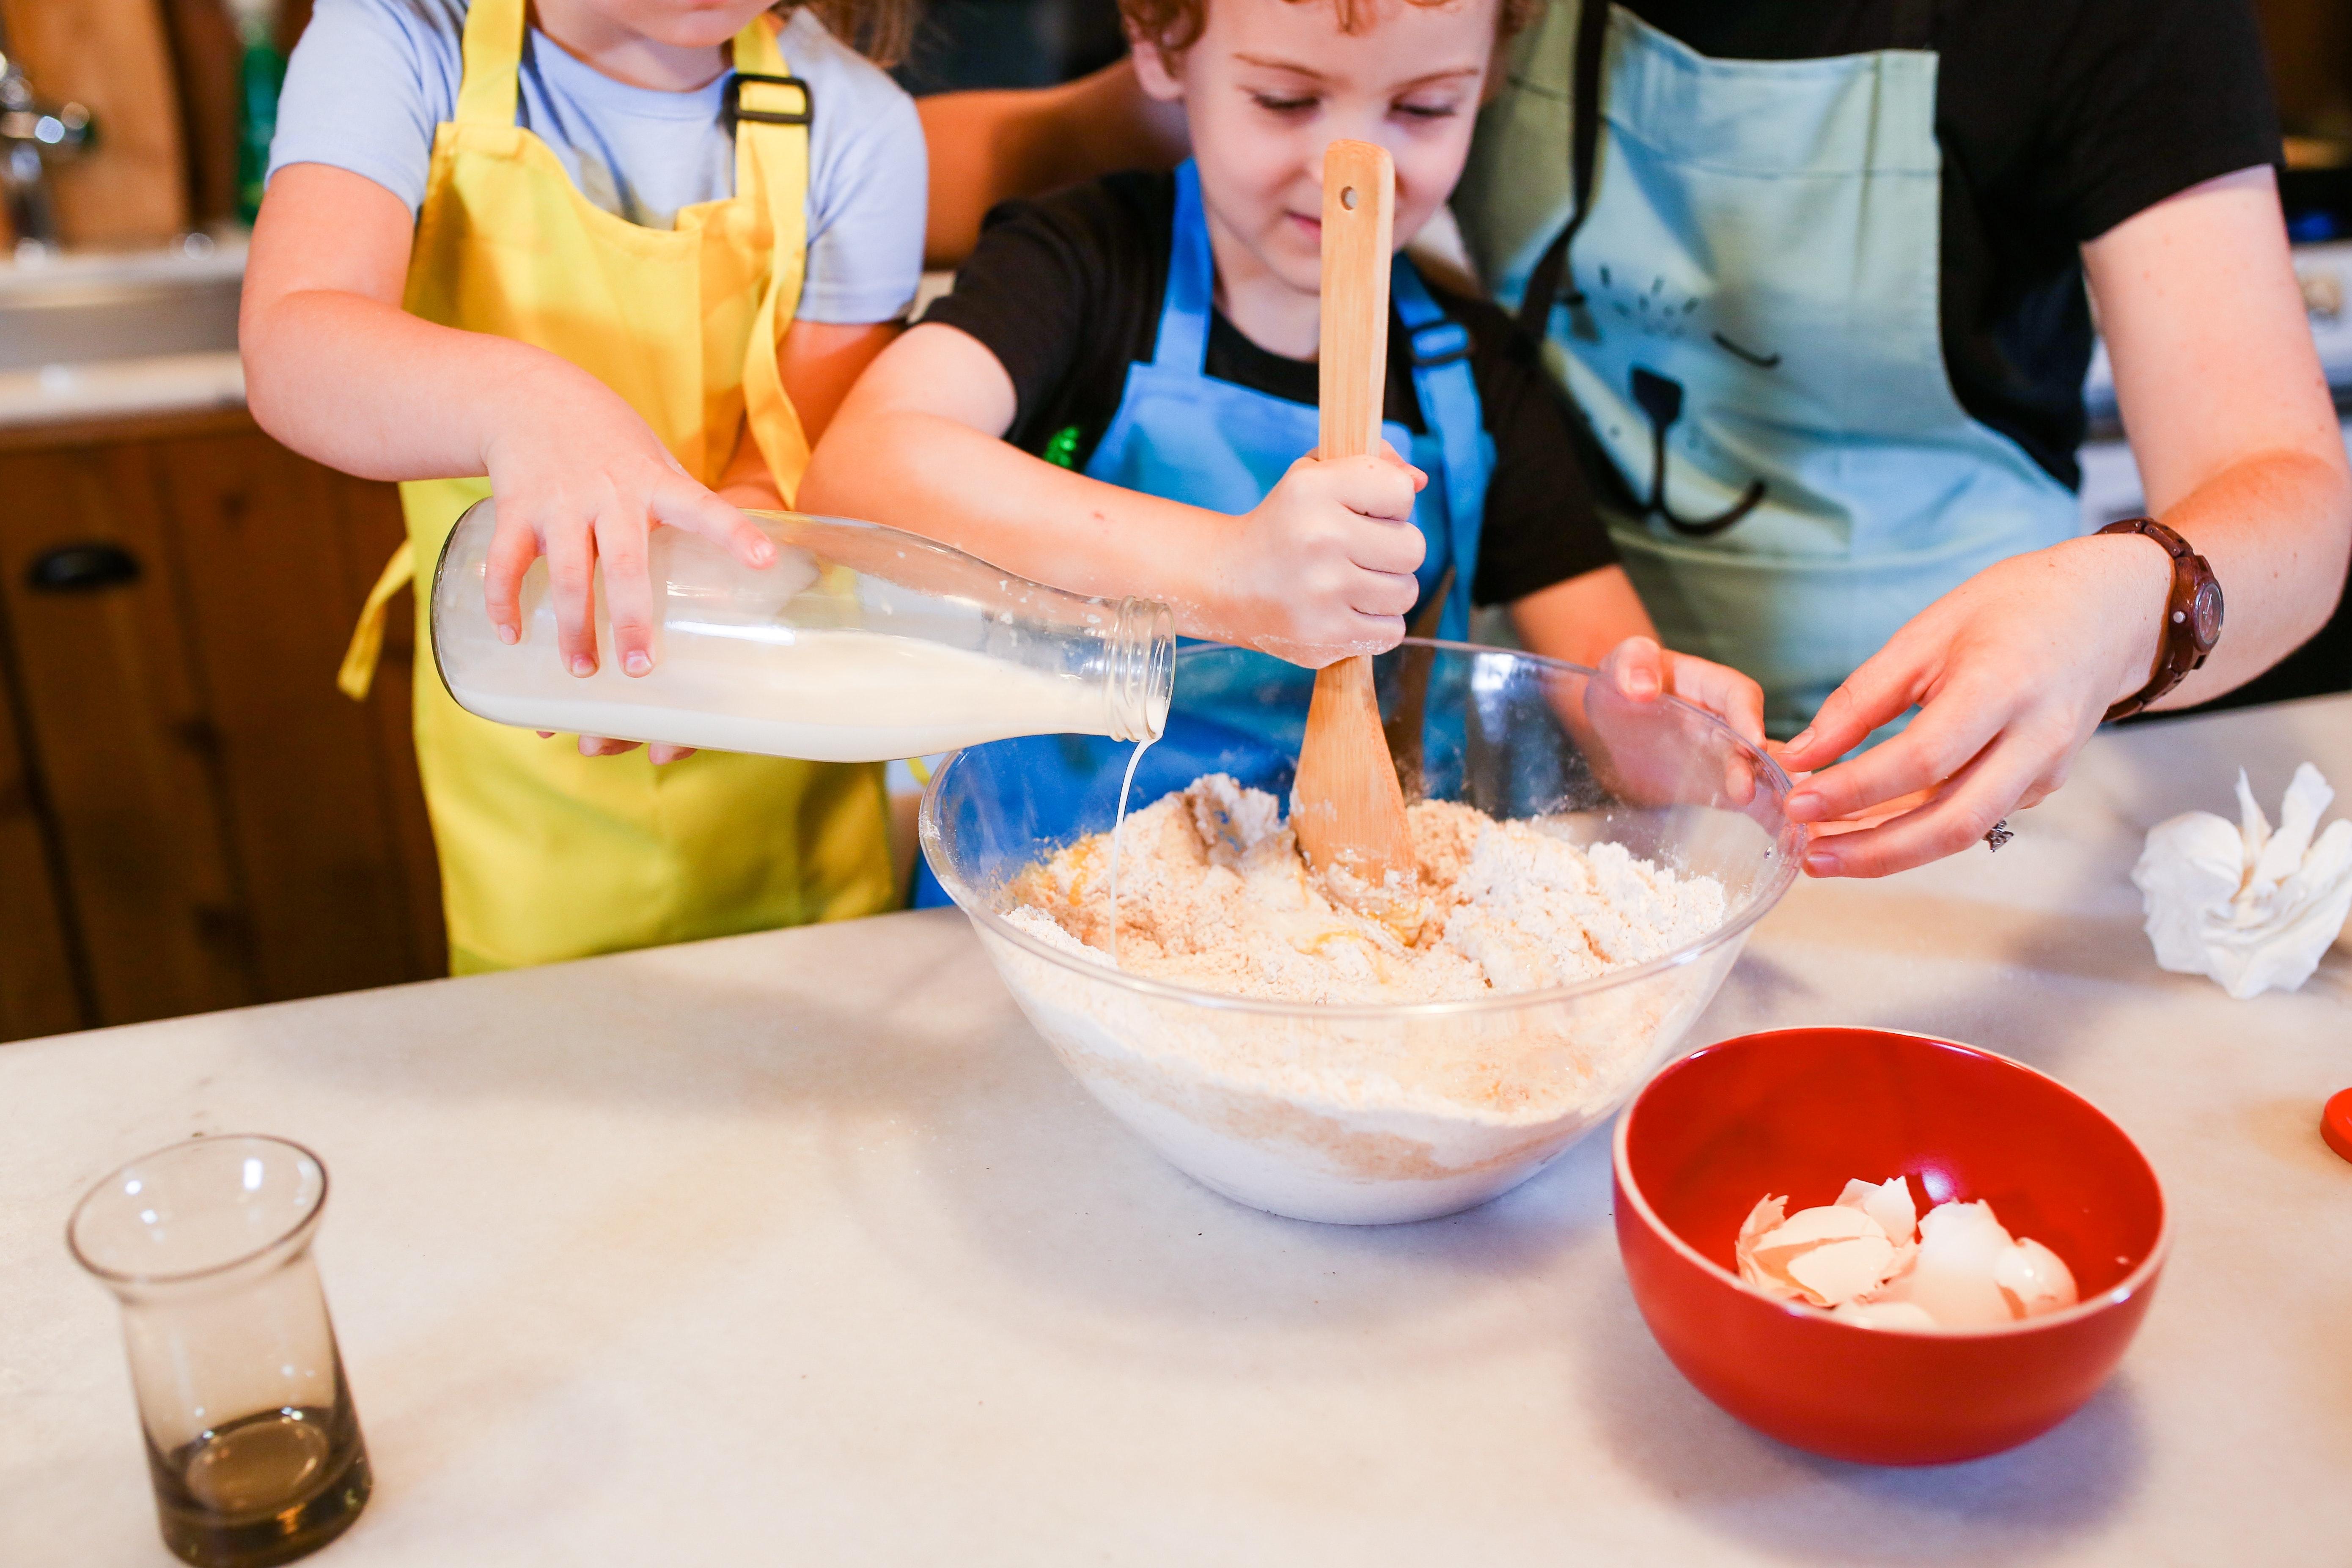 mãe e filhos a confeccionar um bolo